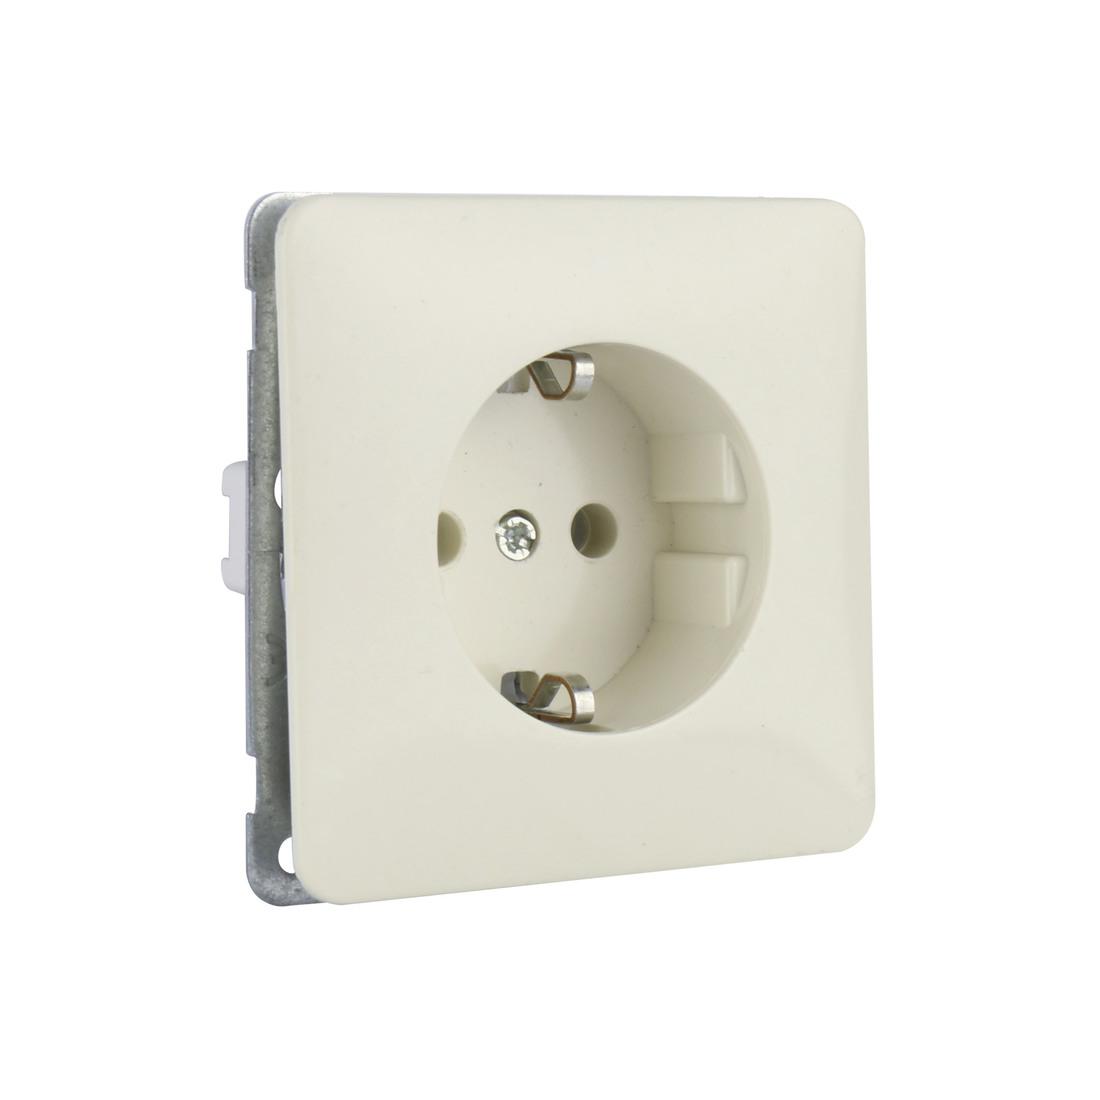 PEHA stopcontact met randaarde 1 voudig - standaard crème wit (D 80.6511 W)